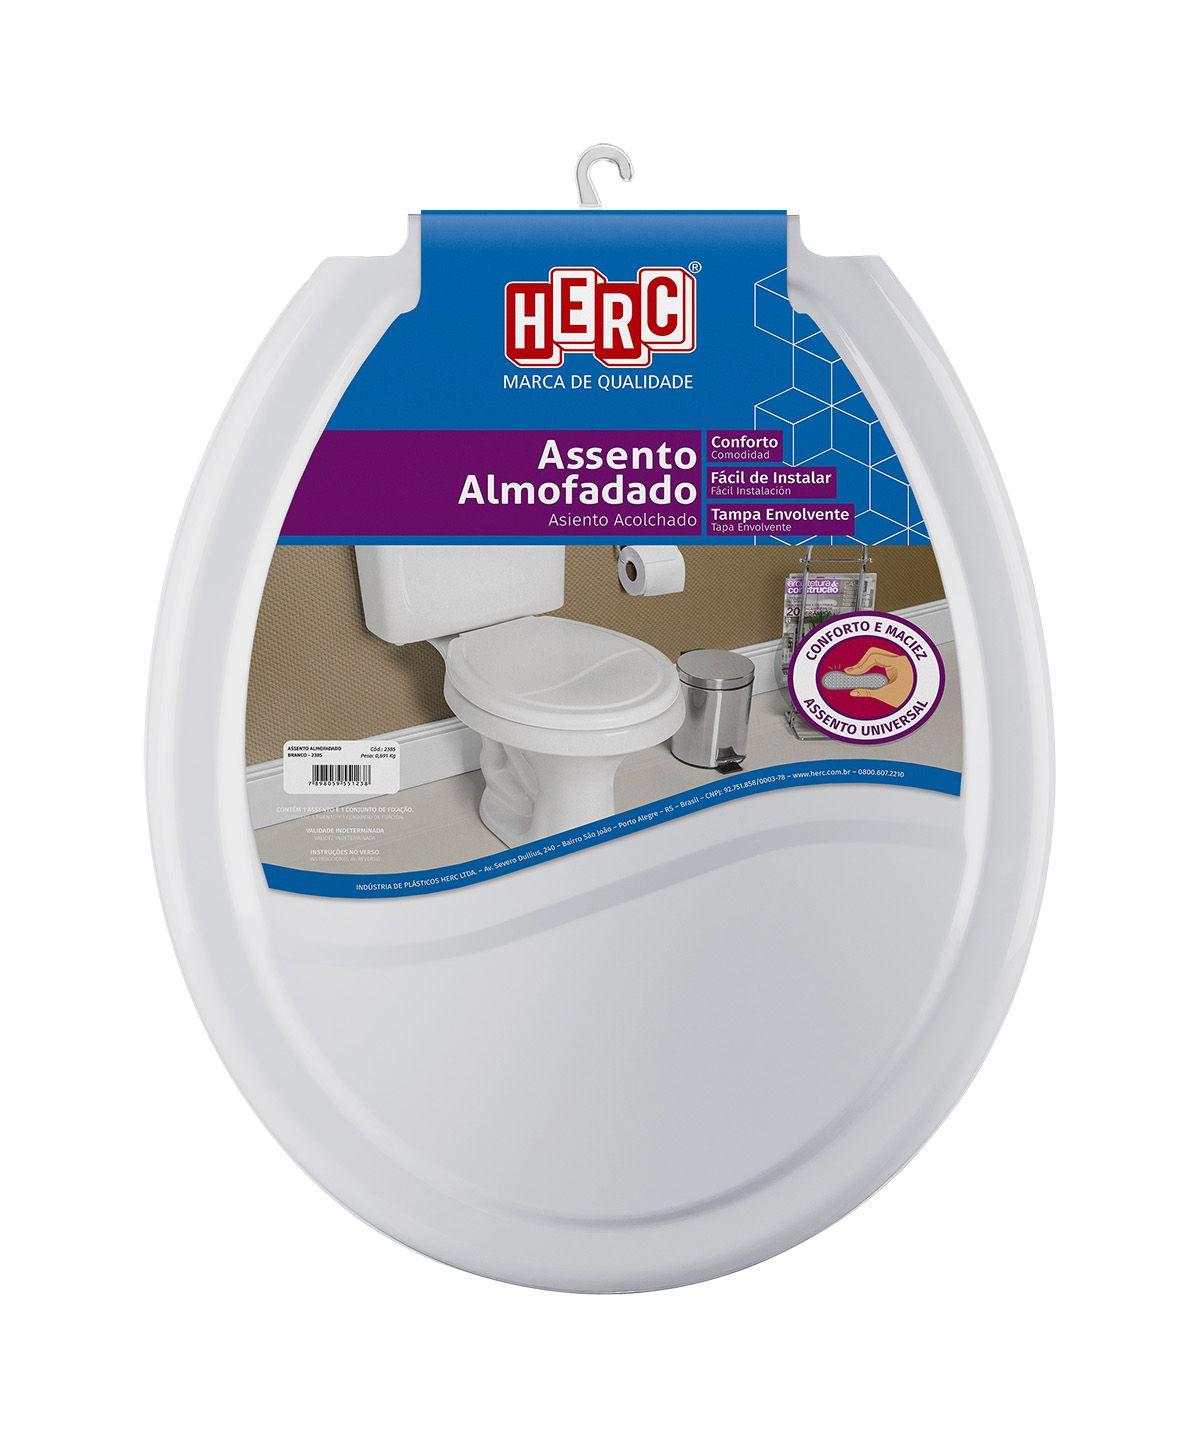 Tampa de Vaso / Assento Sanitário Cinza Claro Almofadado 2386 Herc